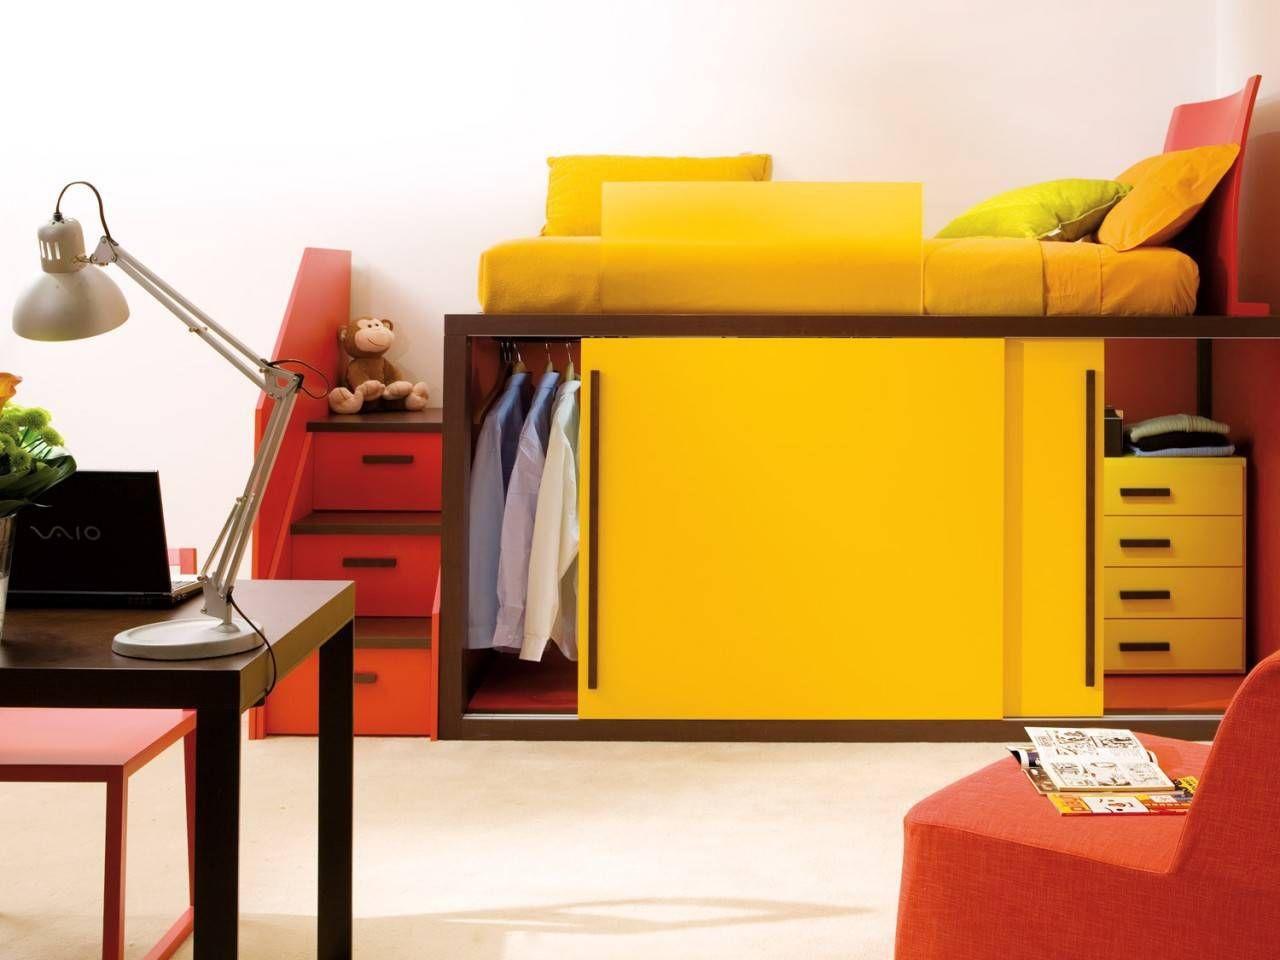 Good Finde moderne Kinderzimmer Designs Modernes Hochbett mit Schreibtisch von dearkids Entdecke die sch nsten Bilder zur Inspiration f r die Gestaltung